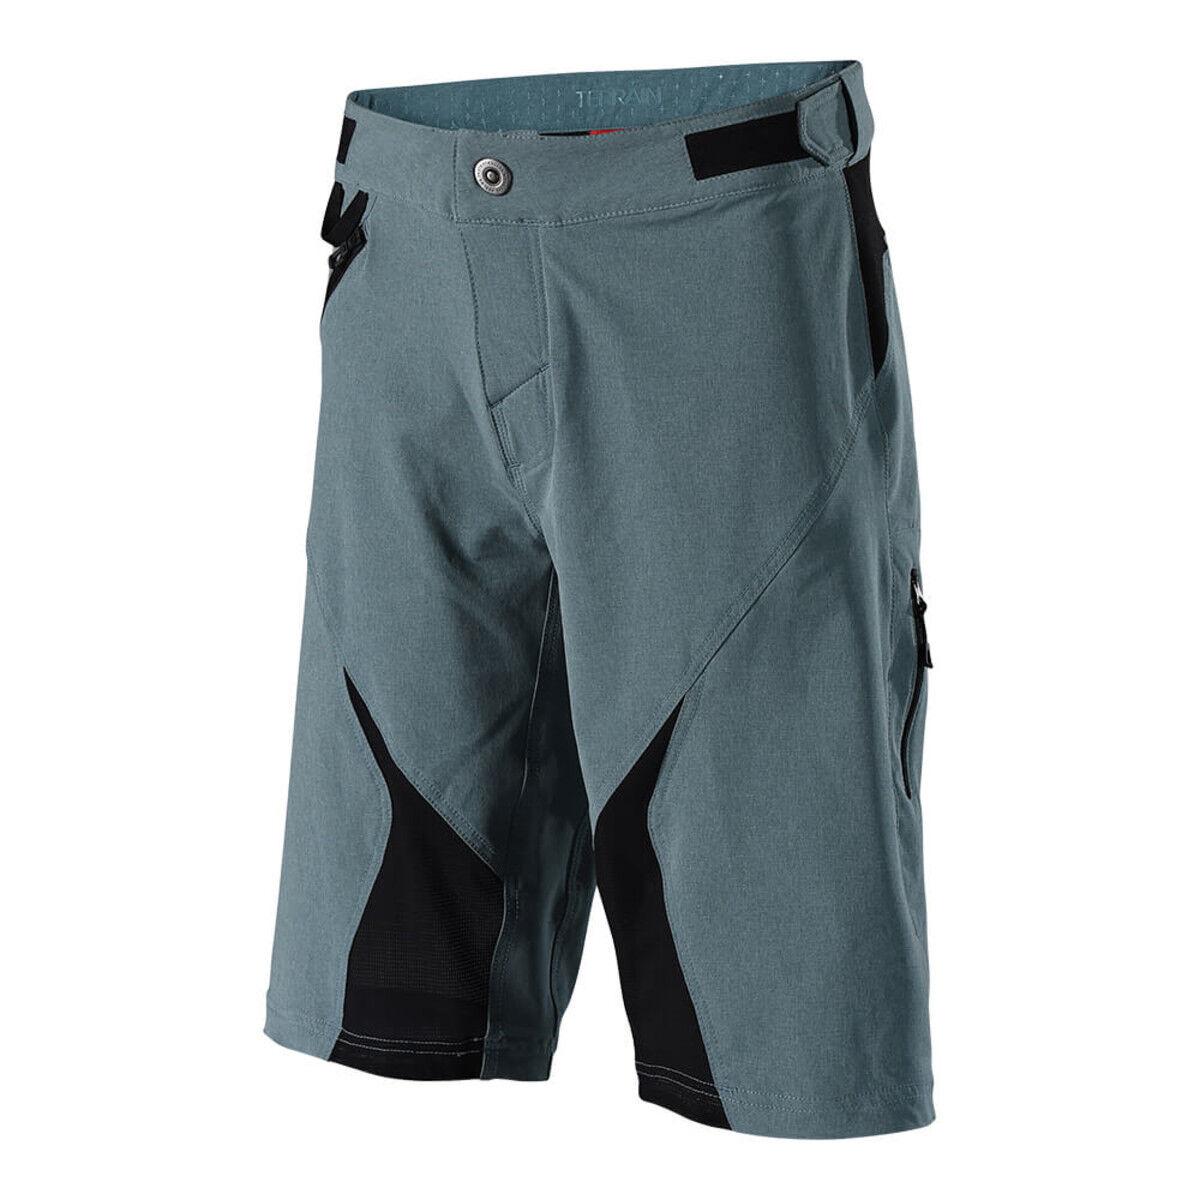 Troy Lee Designs Pantalones cortos de bicicleta de montaña terreno corto; Azul gris 30